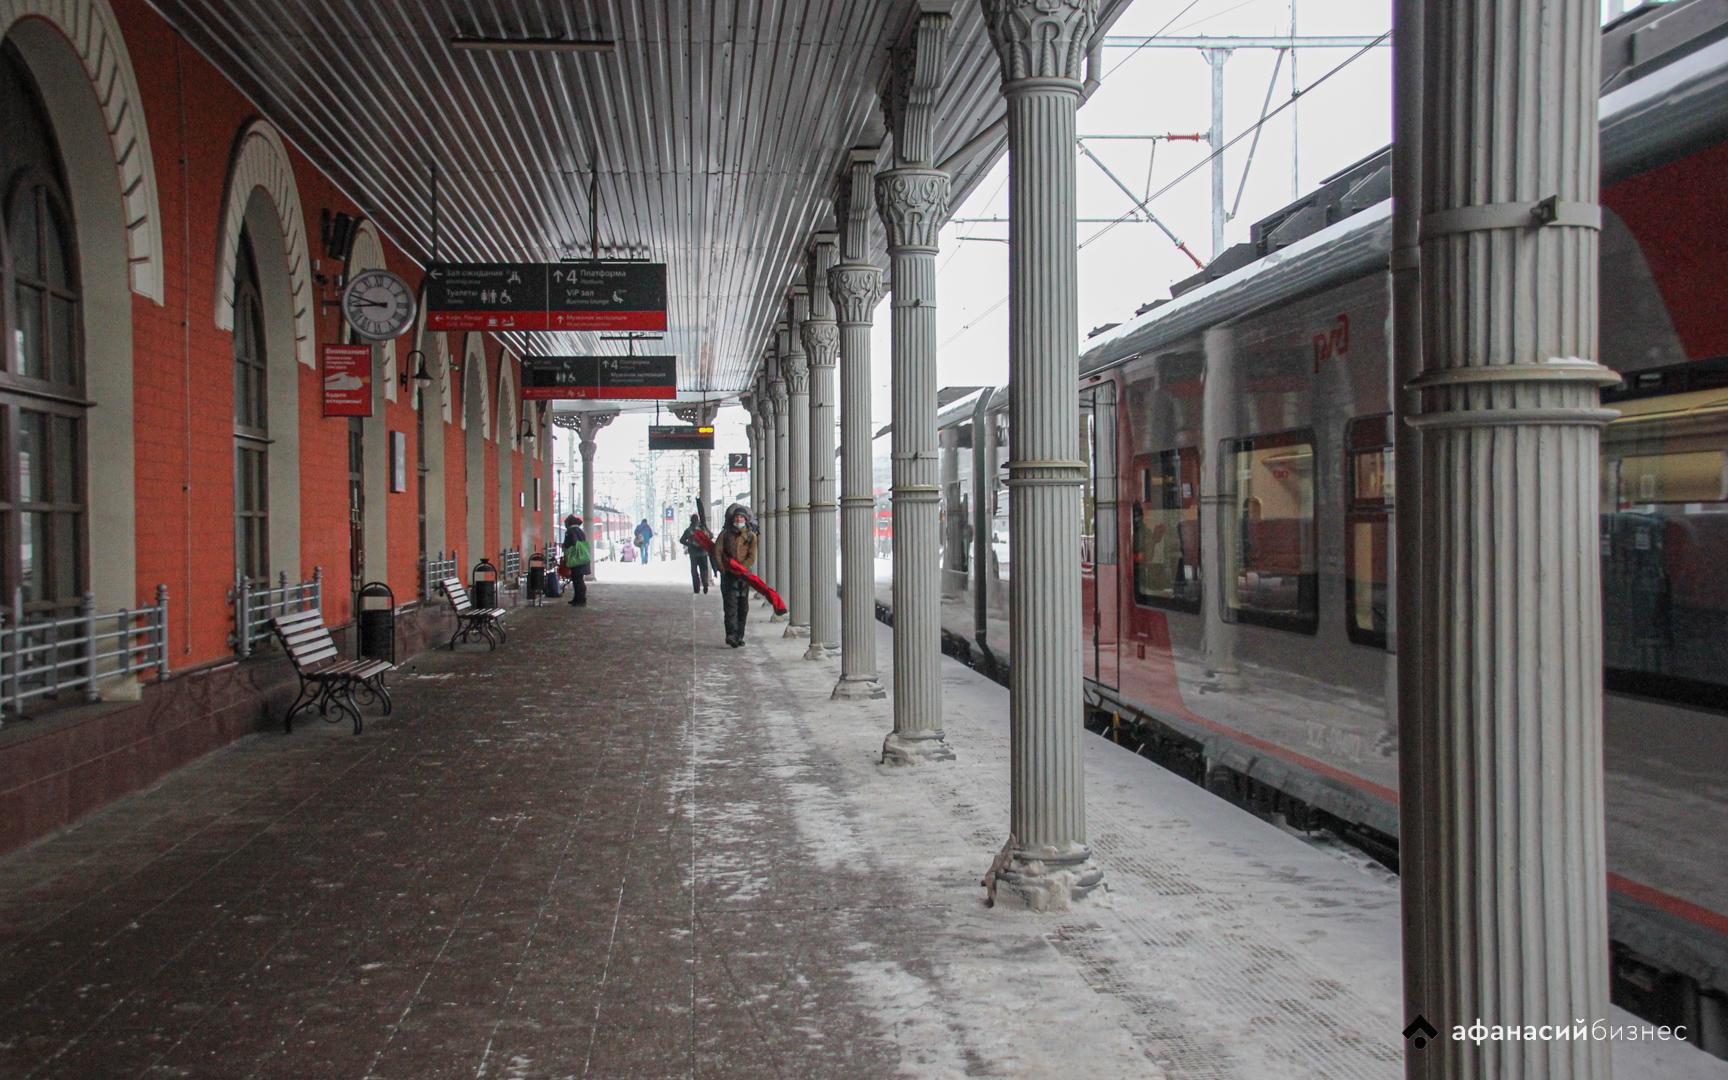 В дни весенних каникул через Тверскую область пустят дополнительные поезда - новости Афанасий